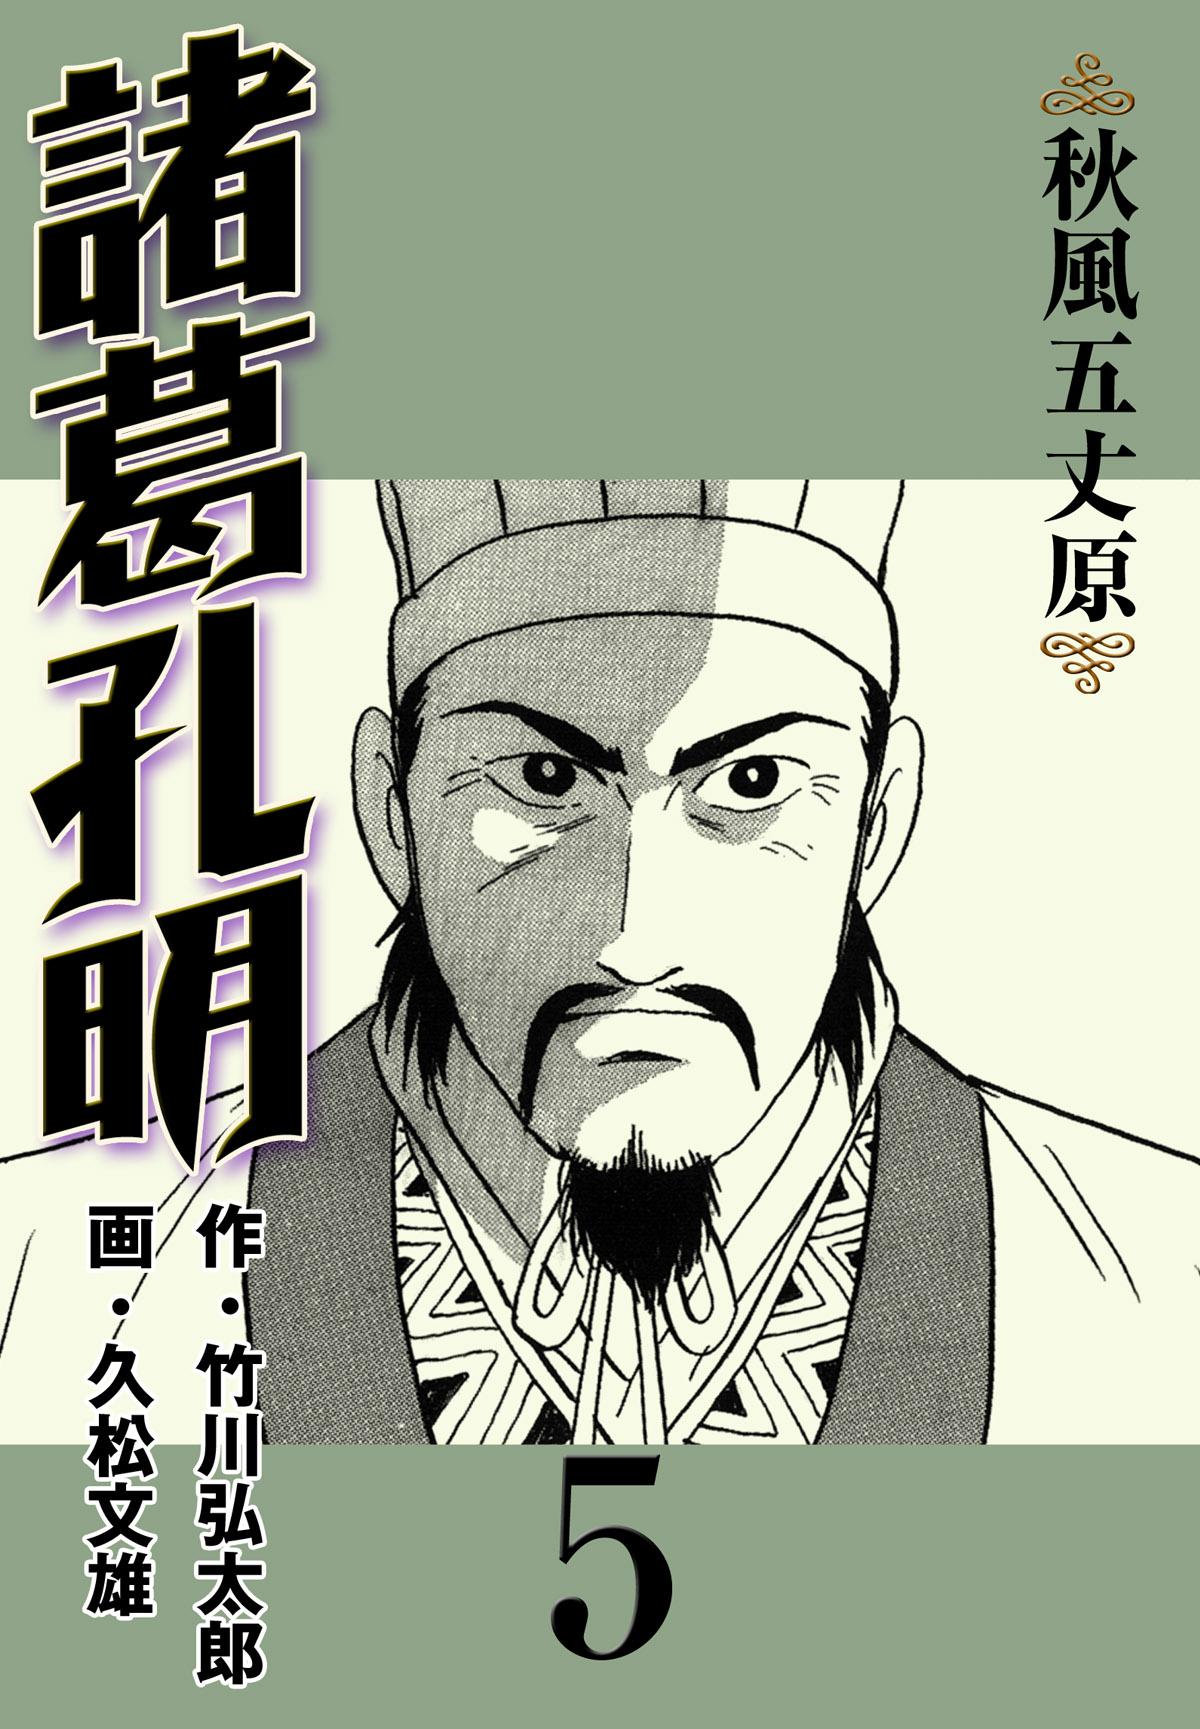 諸葛孔明ー臥竜の志ー(第5巻)